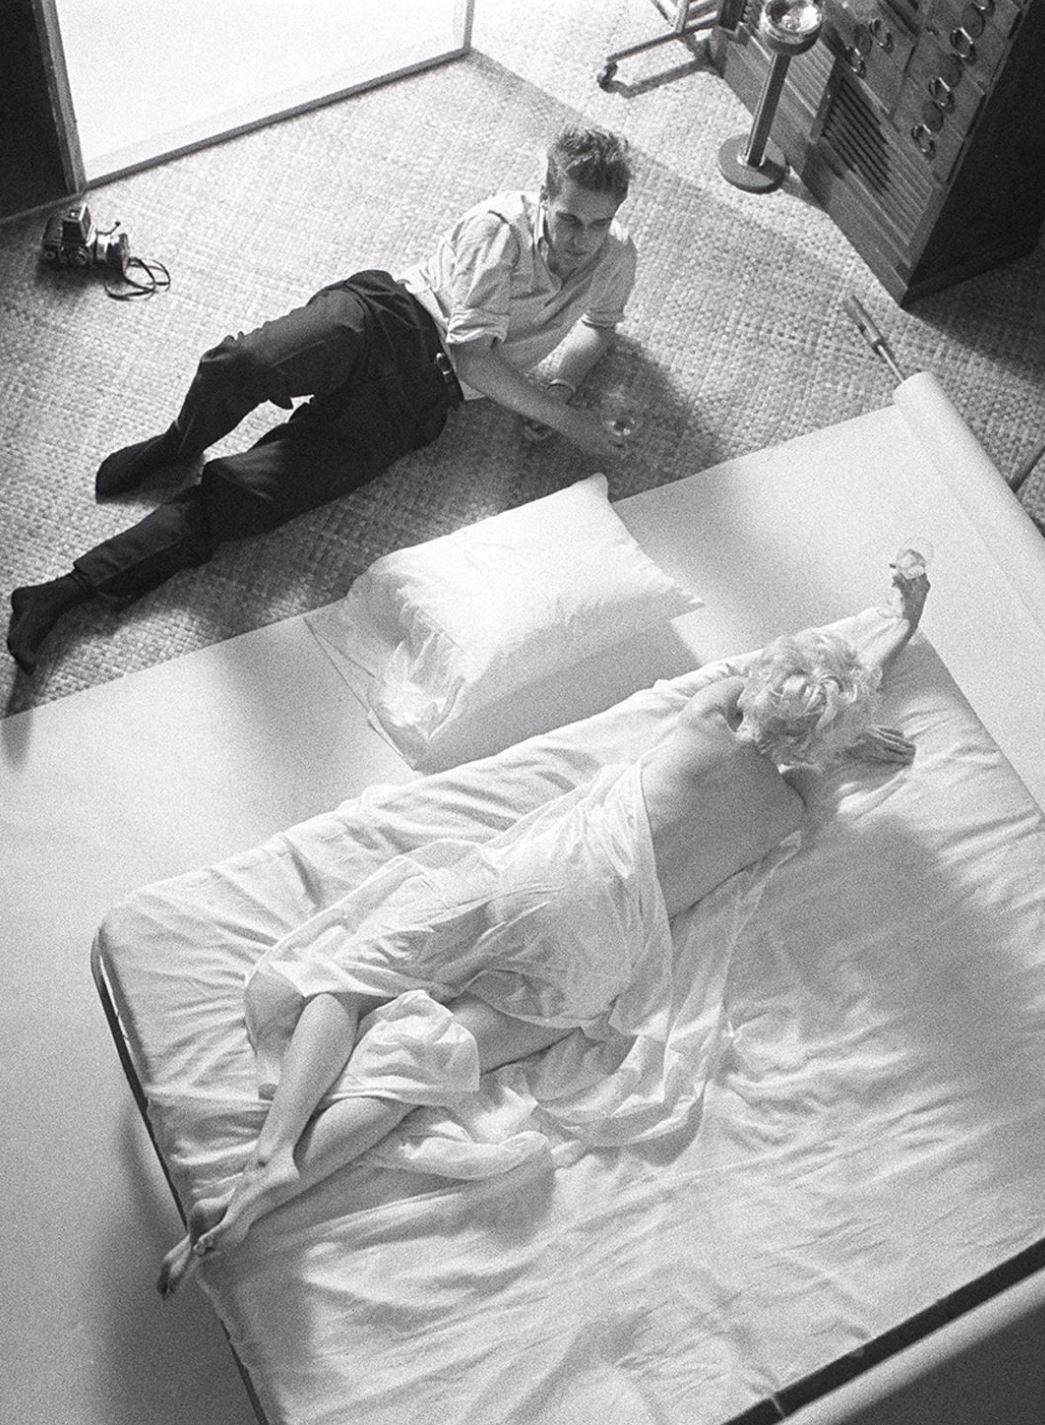 La intimidad de Marilyn Monroe con el fotógrafo Douglas Kirkland en una tarde-noche de noviembre de 1961 (Douglas Kirkland - Heritage Auctions - Christie's)